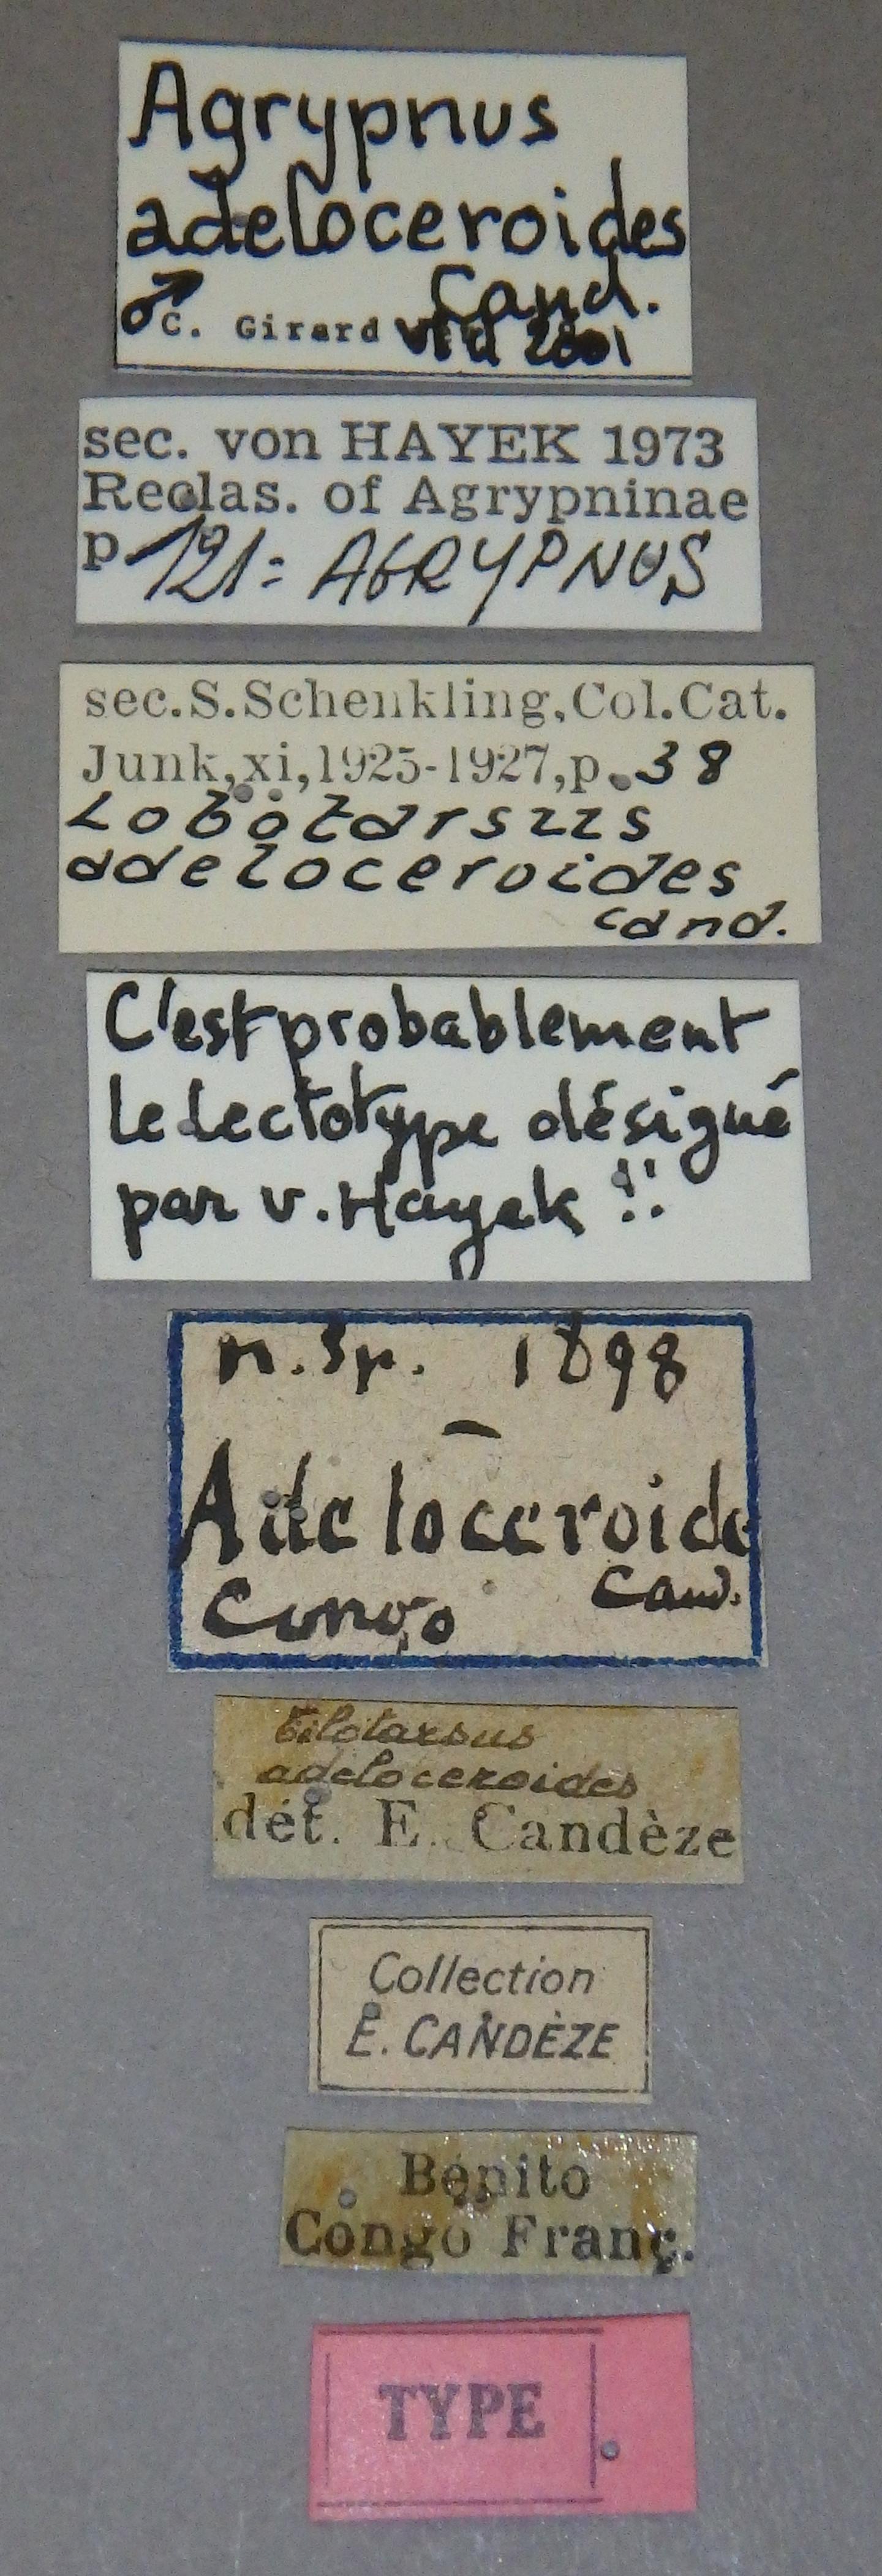 Tilotarsus adeloceroides t Lb.JPG